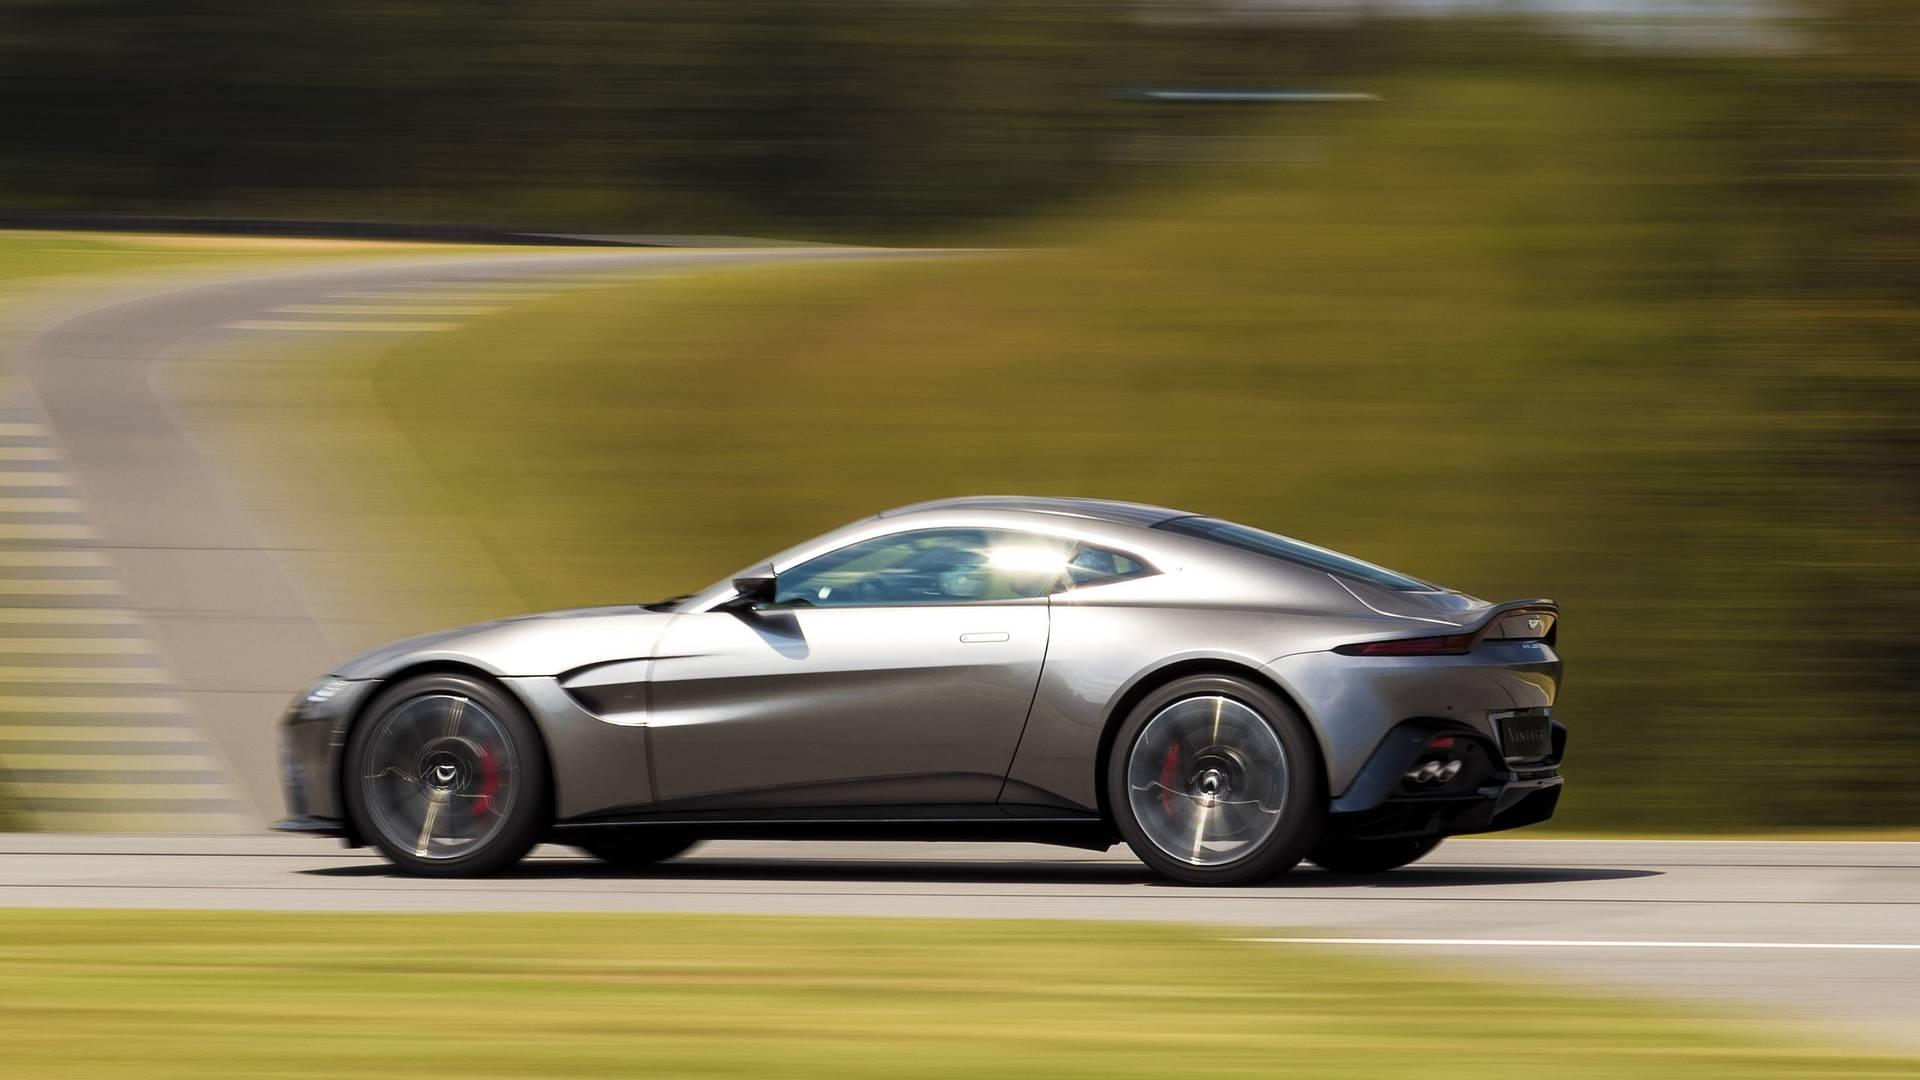 2018 Aston Martin Vantage vorgestellt - ALLES AUTO